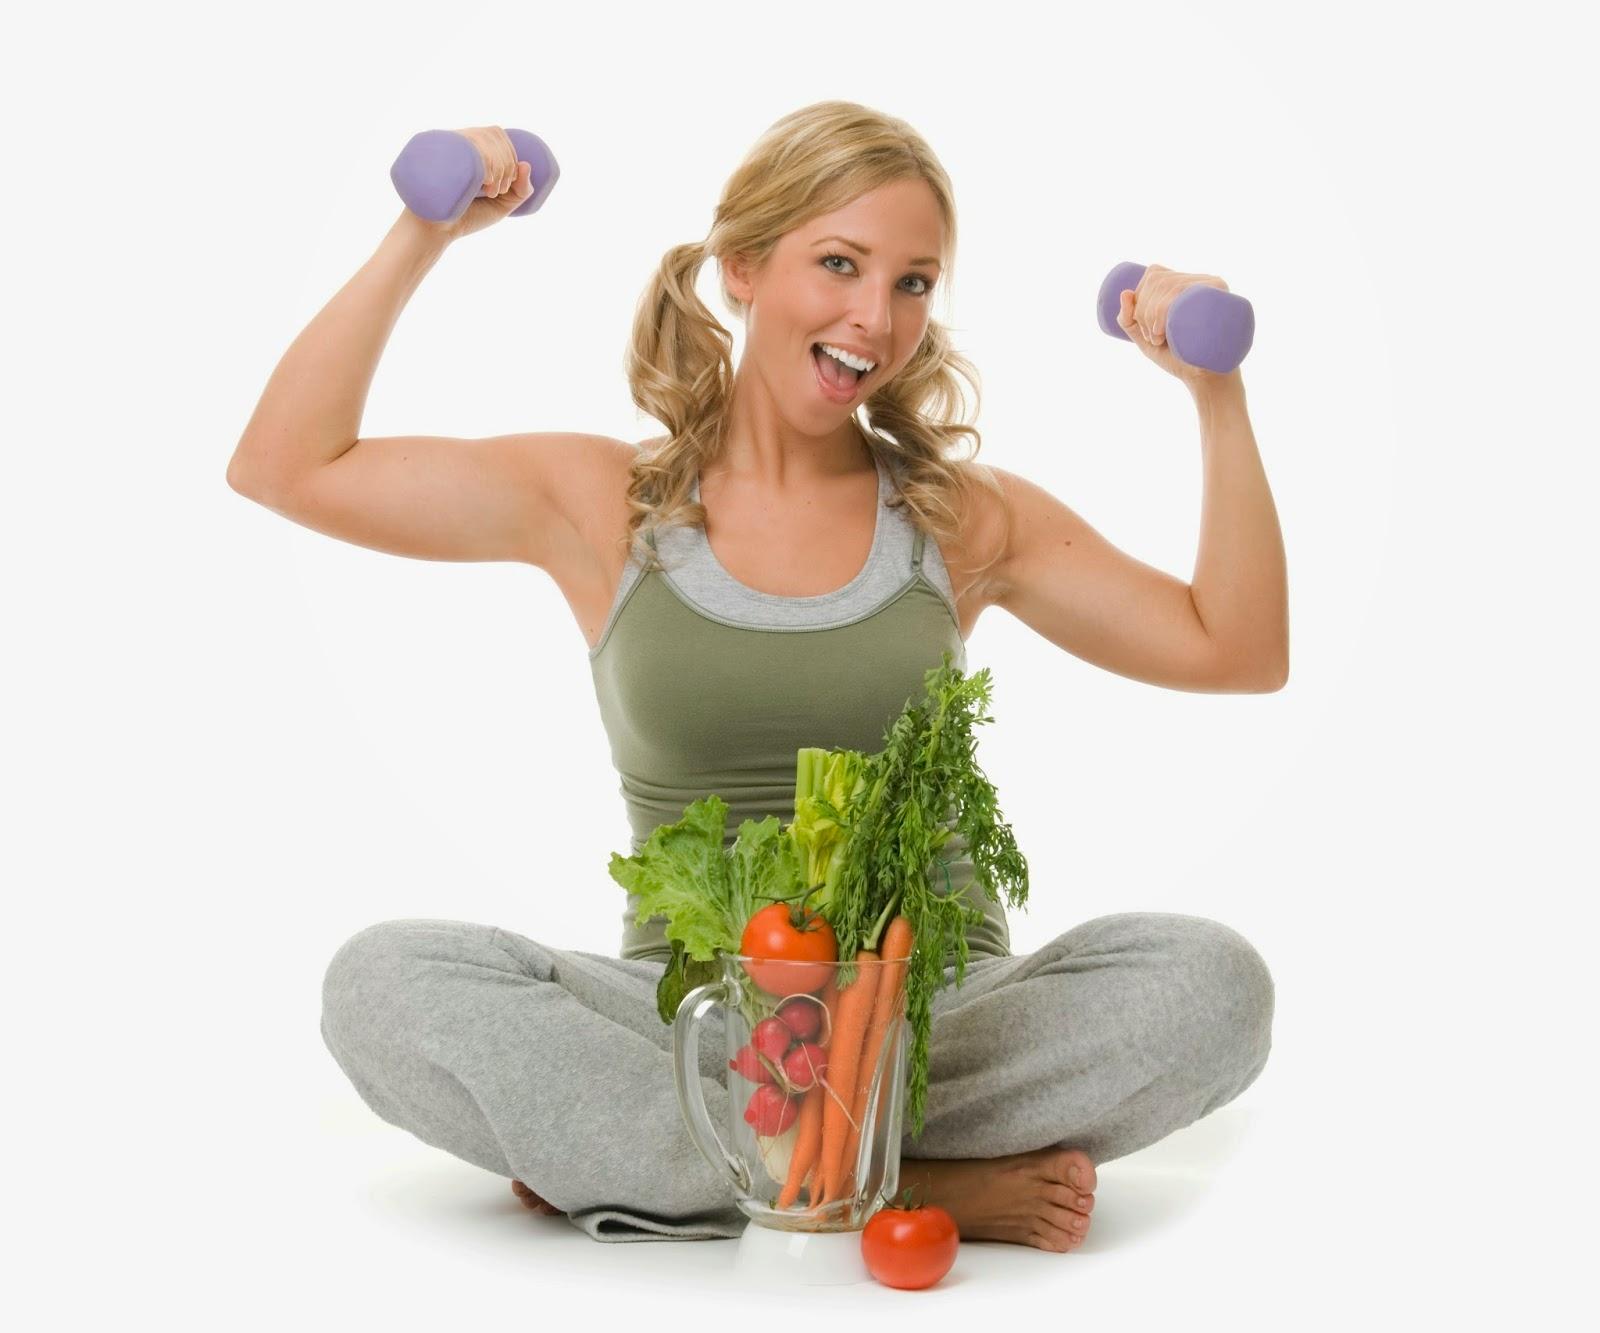 أطعمة يفضل تناولها قبل الرياضة